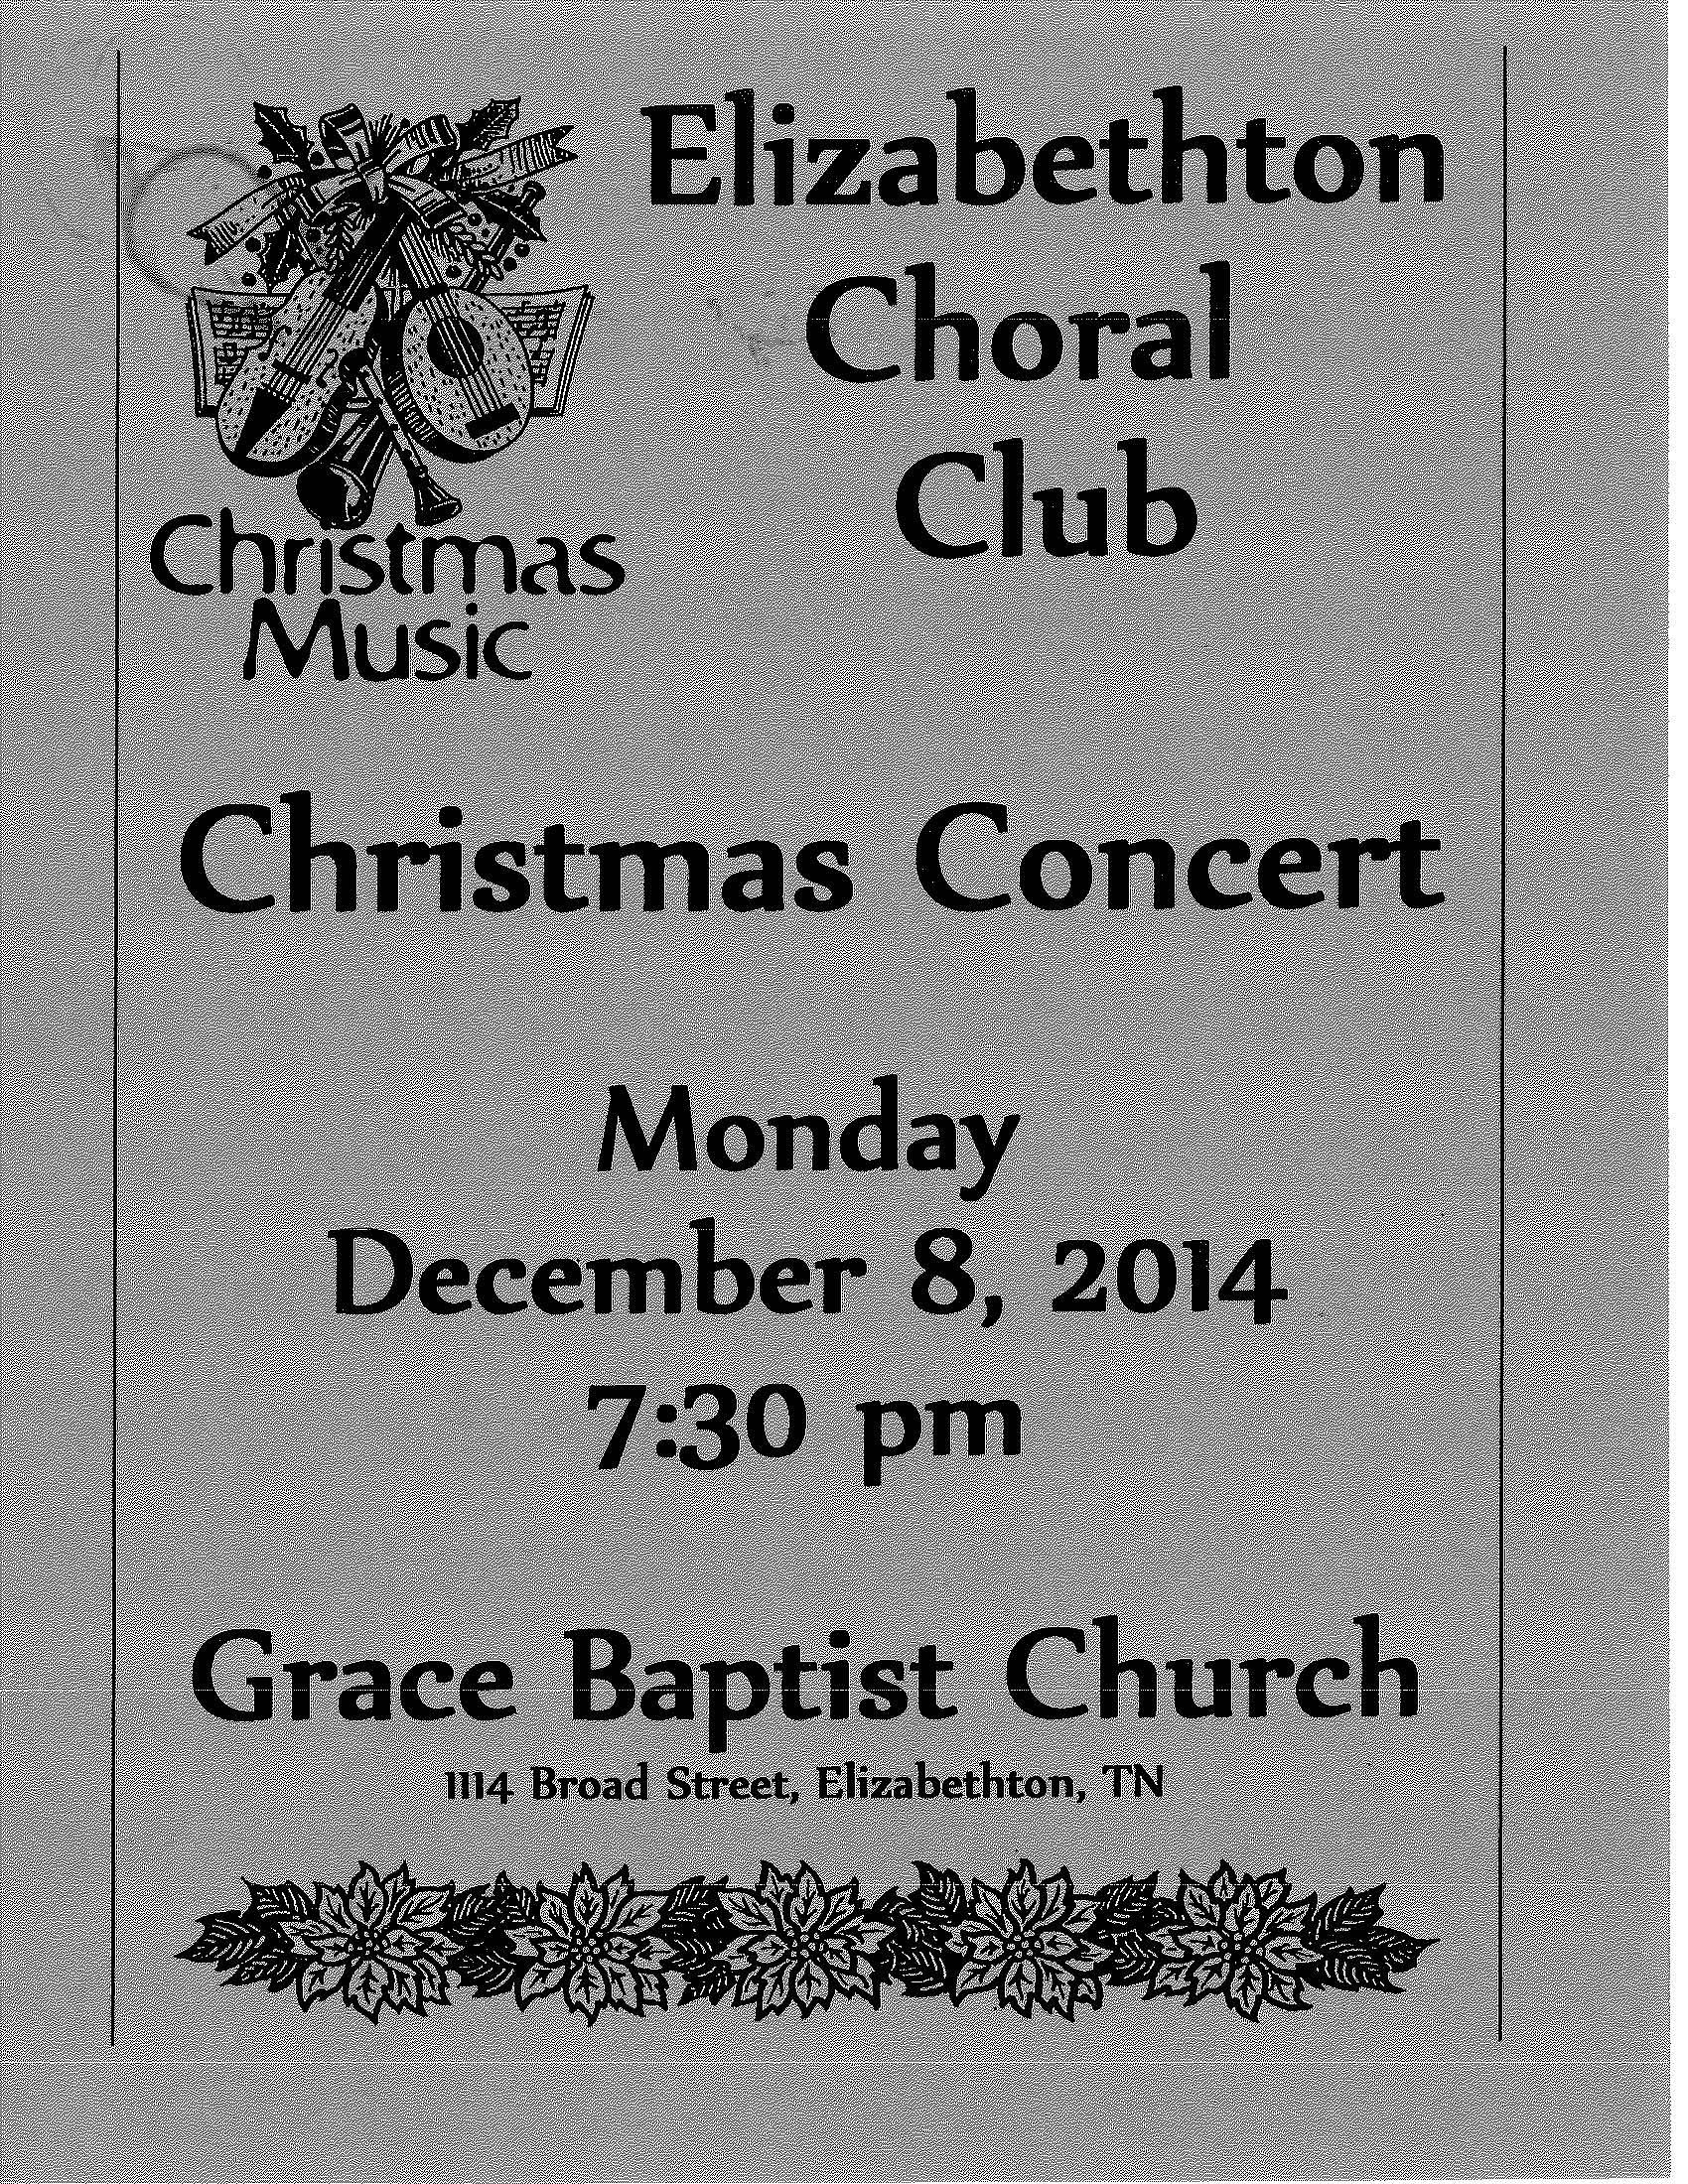 Elizabethton Choral Club Christmas Concert